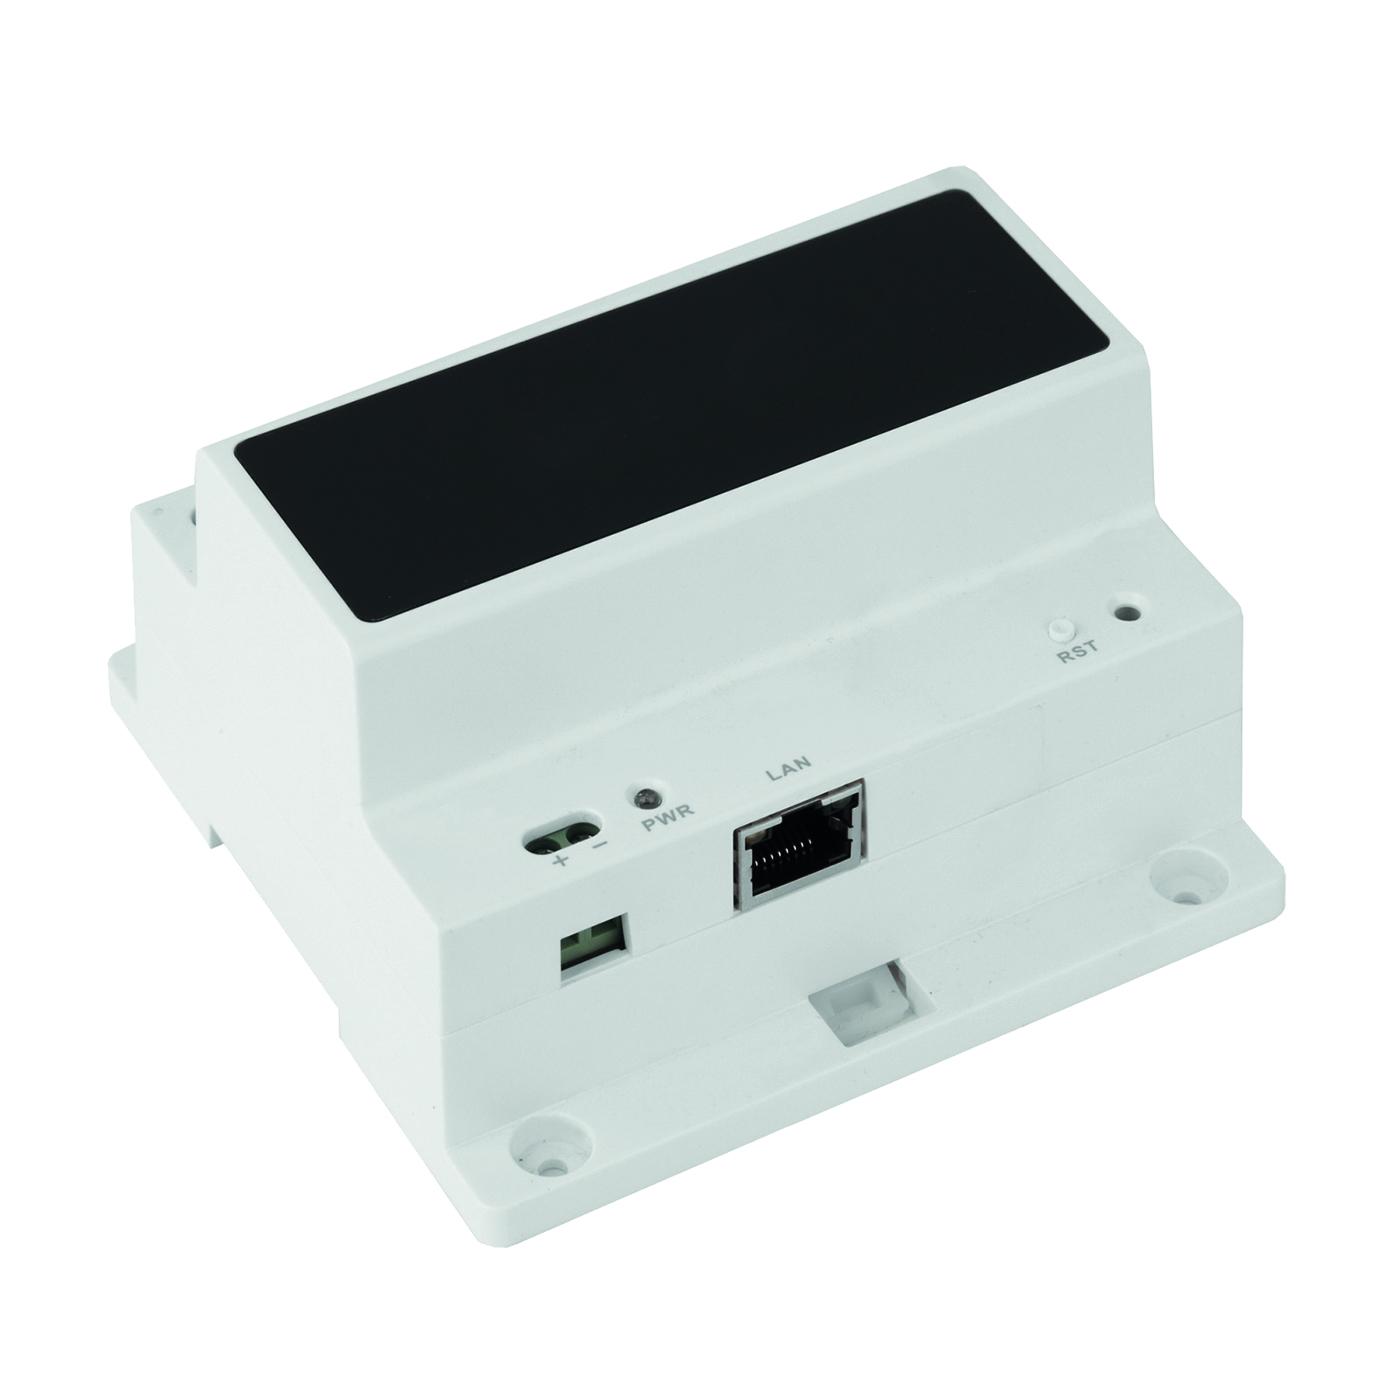 TURM IP Video Türsprechanlage 3 Klingeltaster Modul für Außenstation